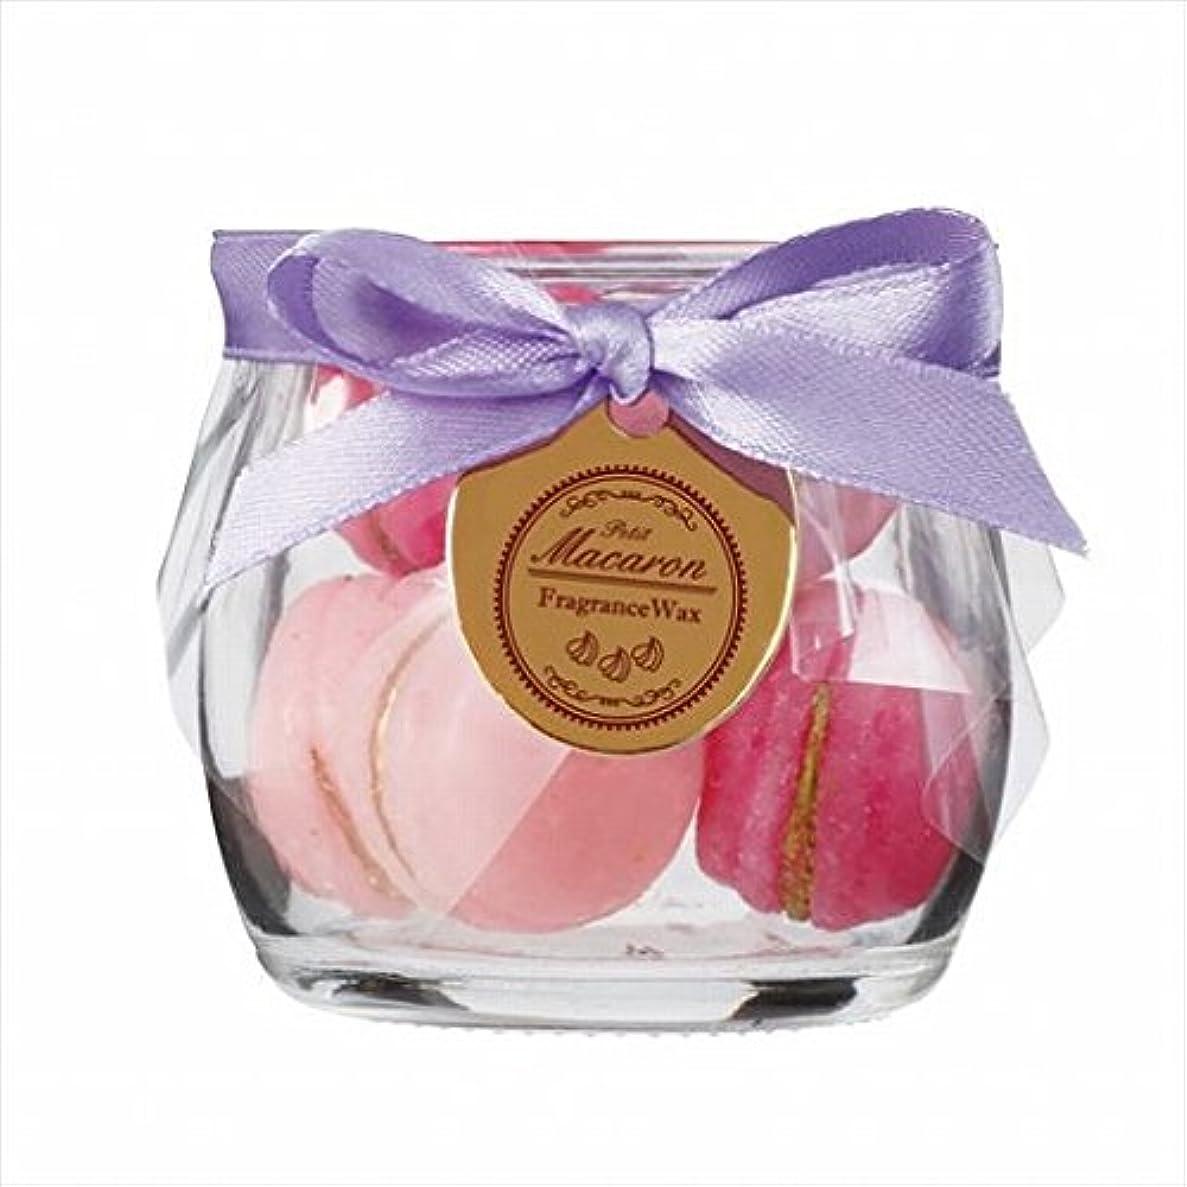 硬い試してみる決定的sweets candle プチマカロンフレグランス 「 バニラ 」